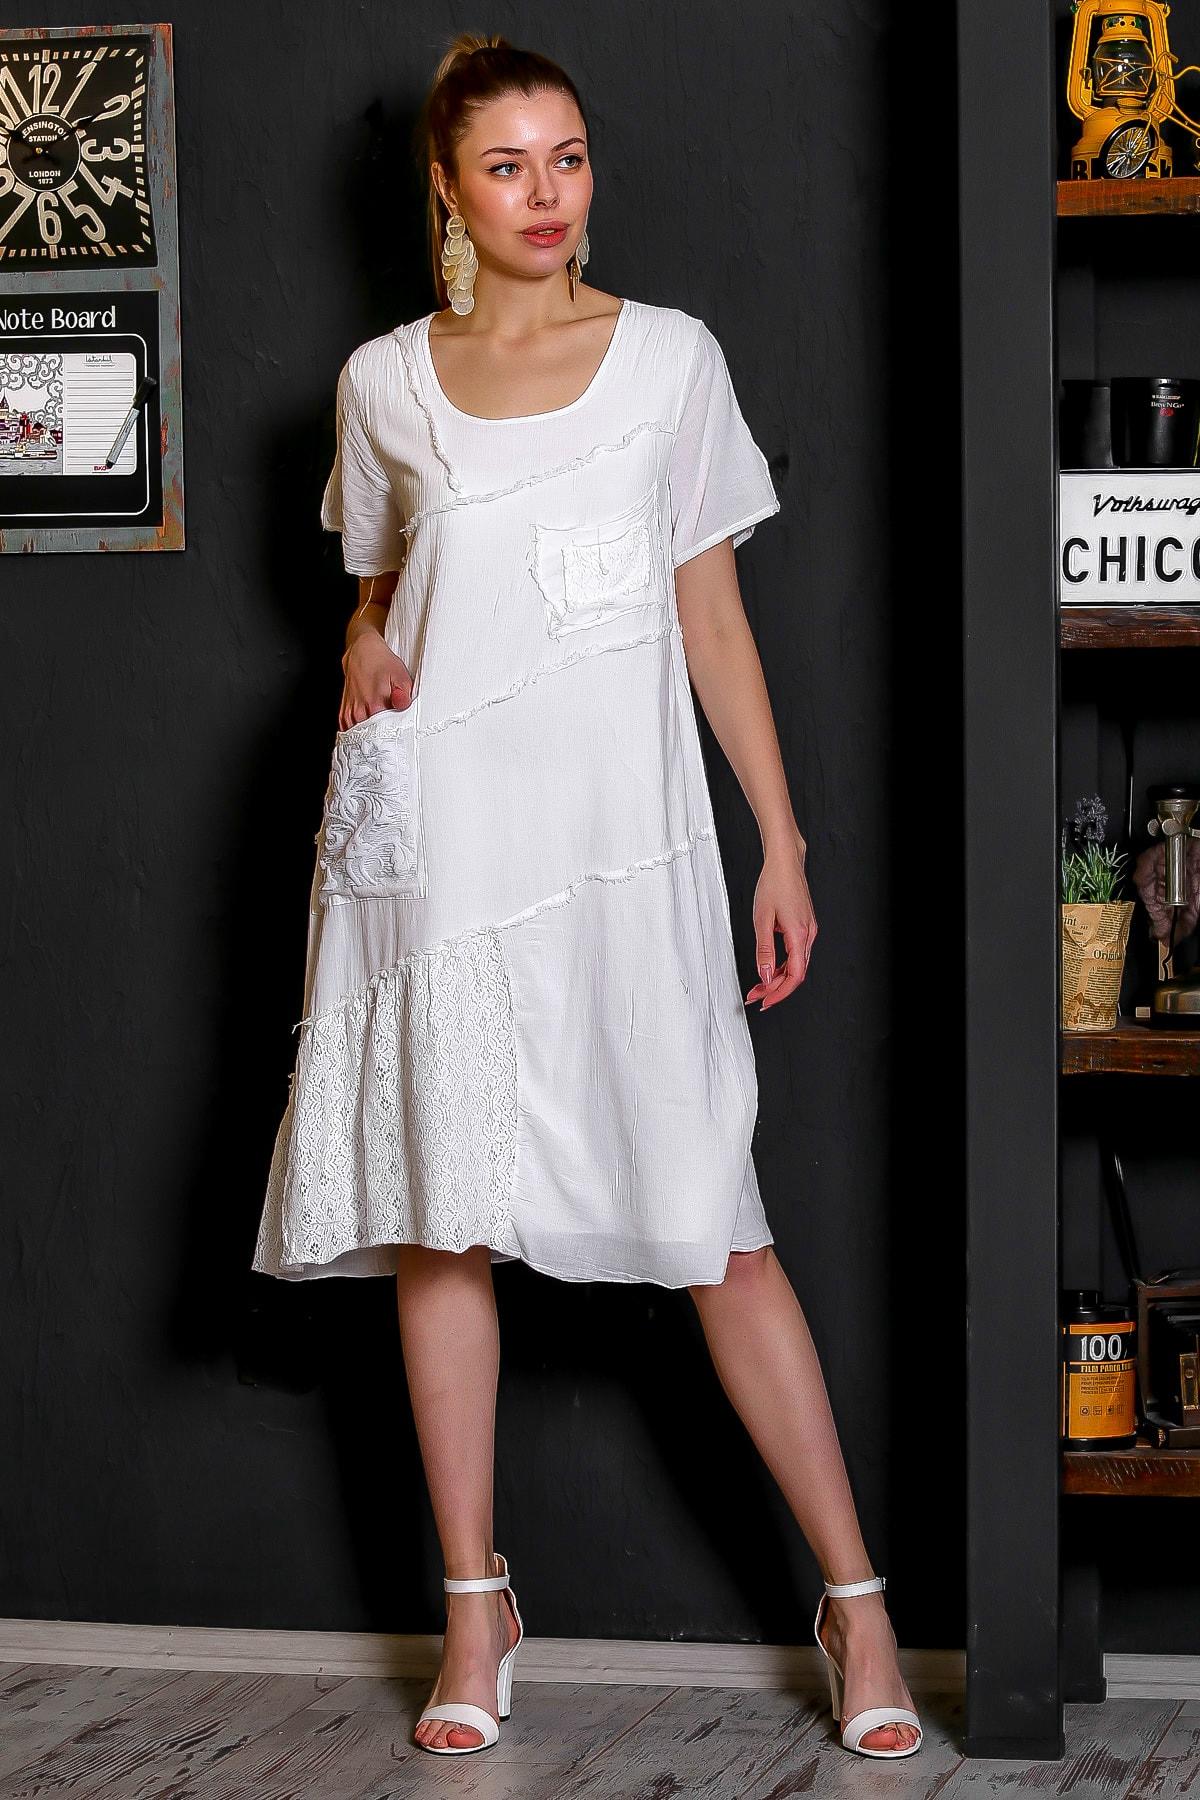 Chiccy Kadın Beyaz Sıfır Yaka Dantel Bloklu Cepli Astarlı Yıkamalı Elbise M10160000EL95294 3